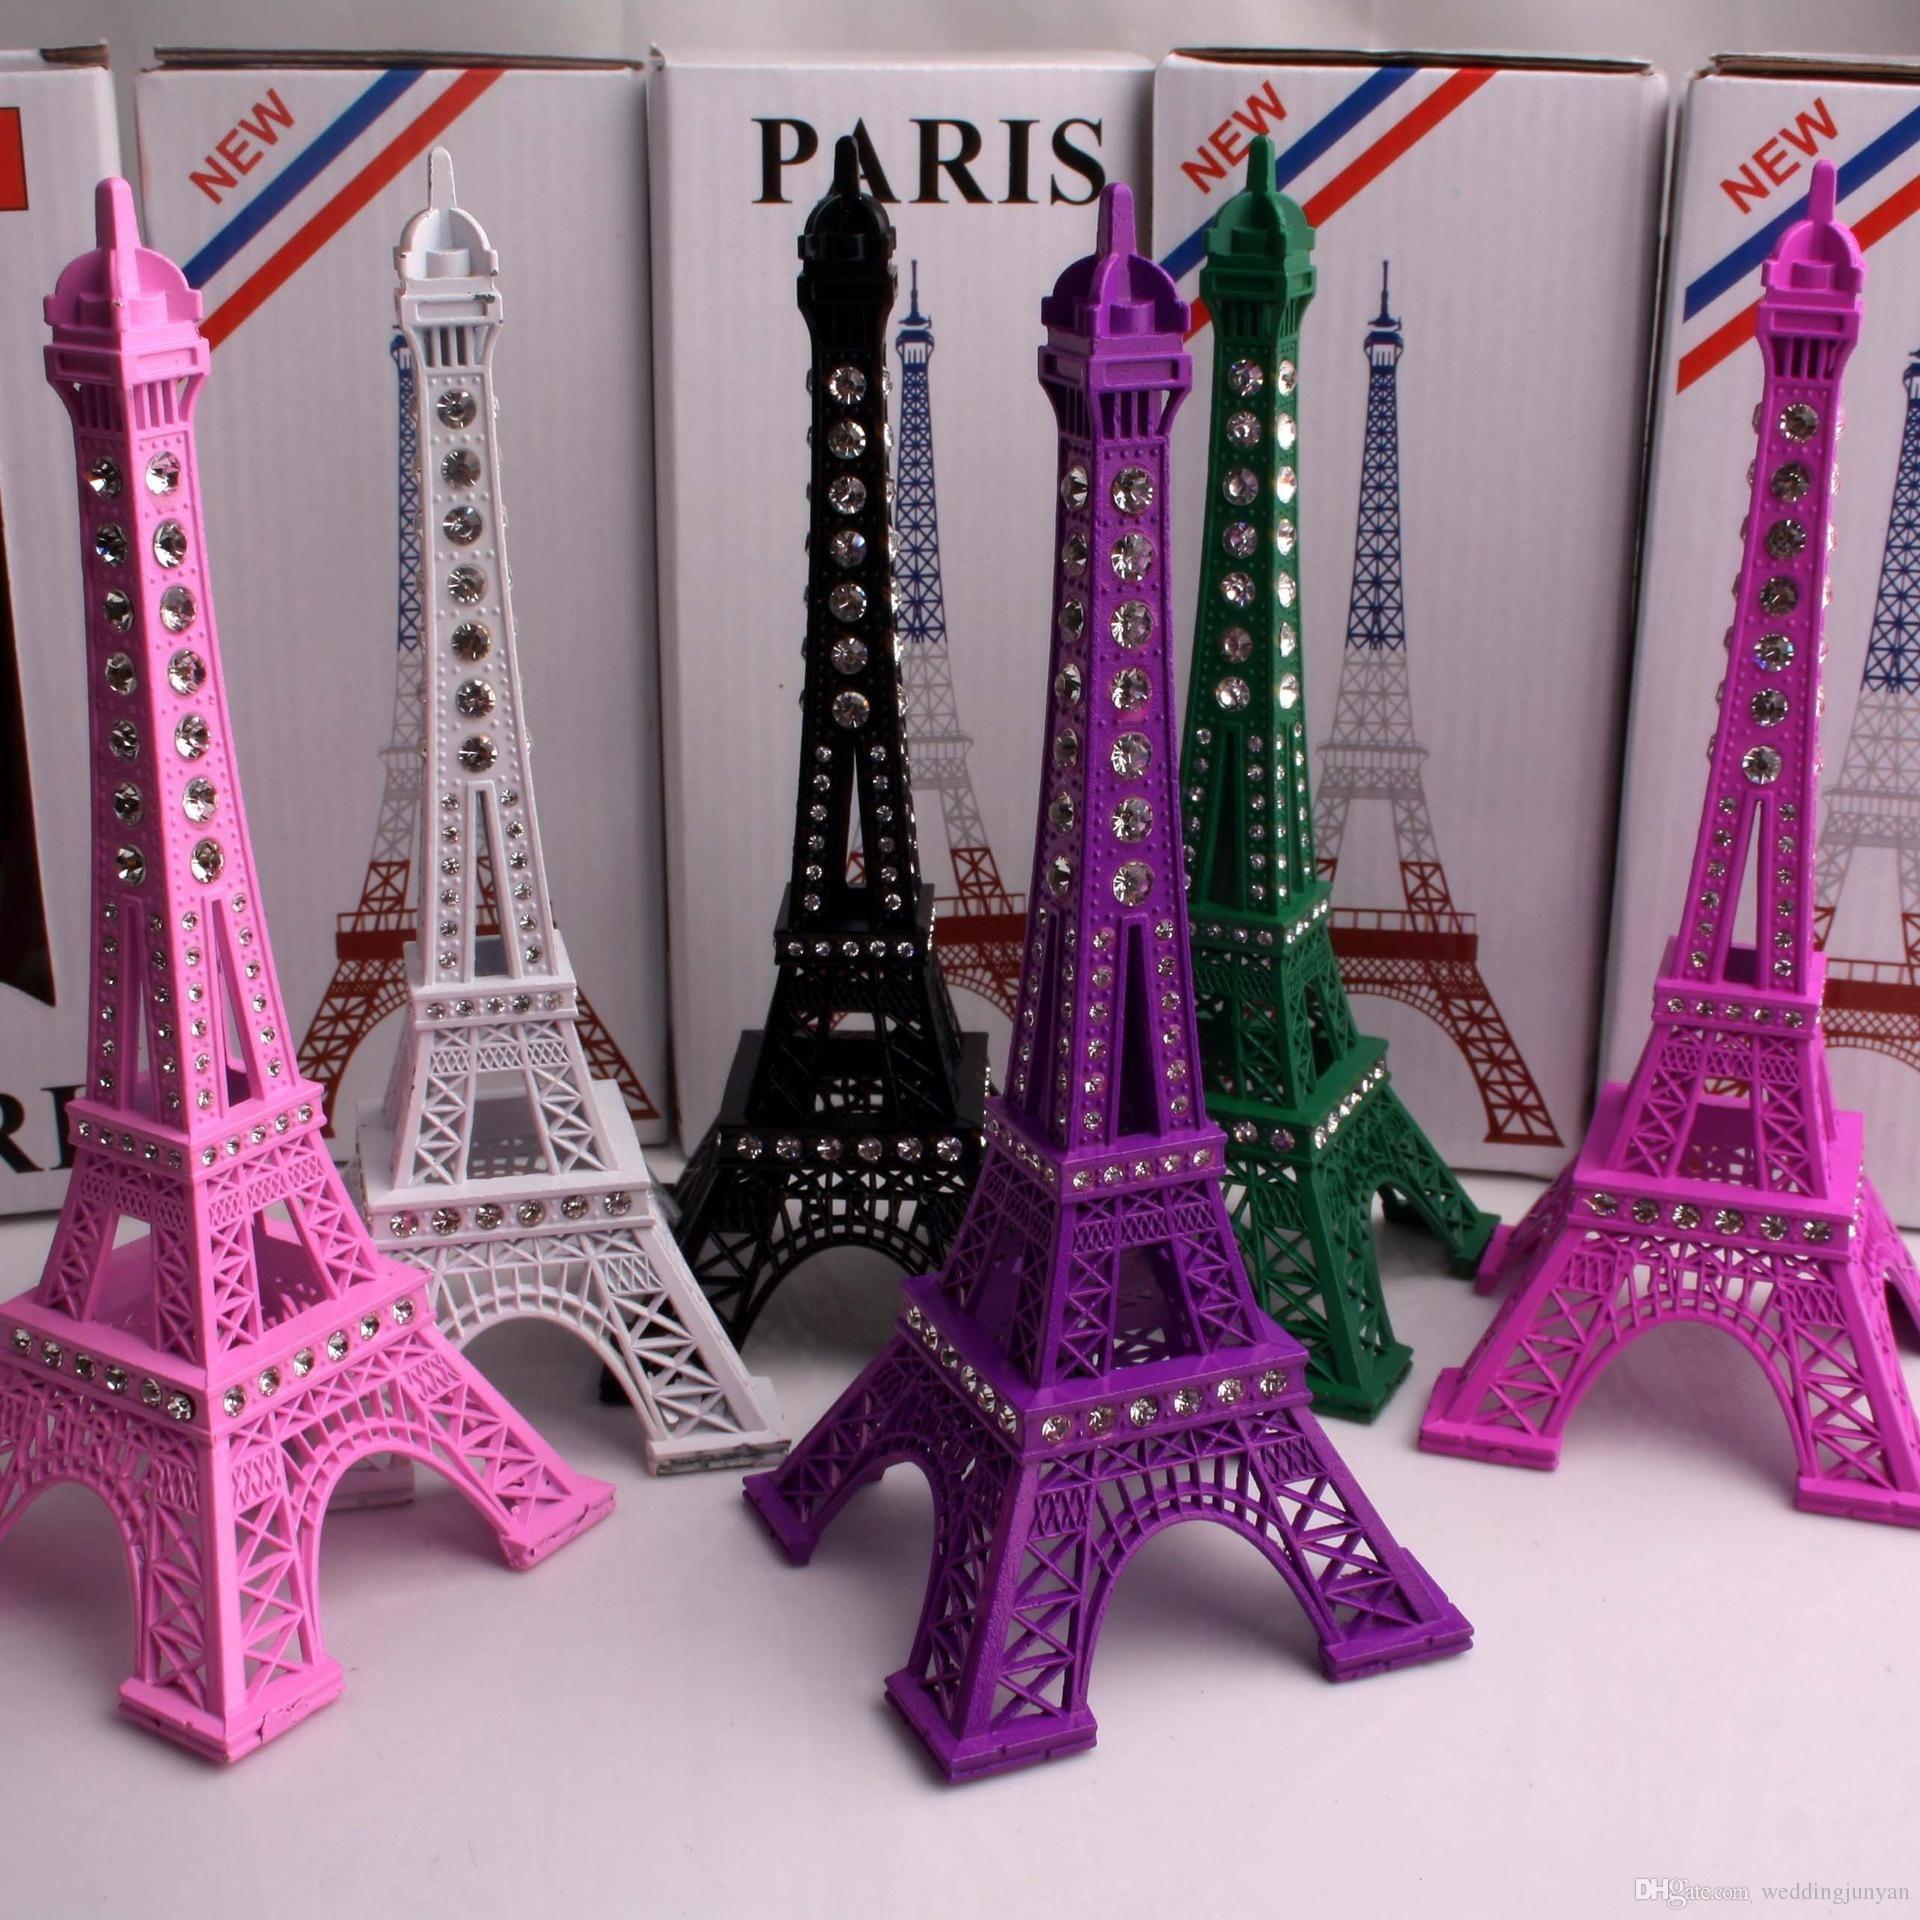 2018 18cm Crystal Rhinestone Eiffel Tower Model Alloy